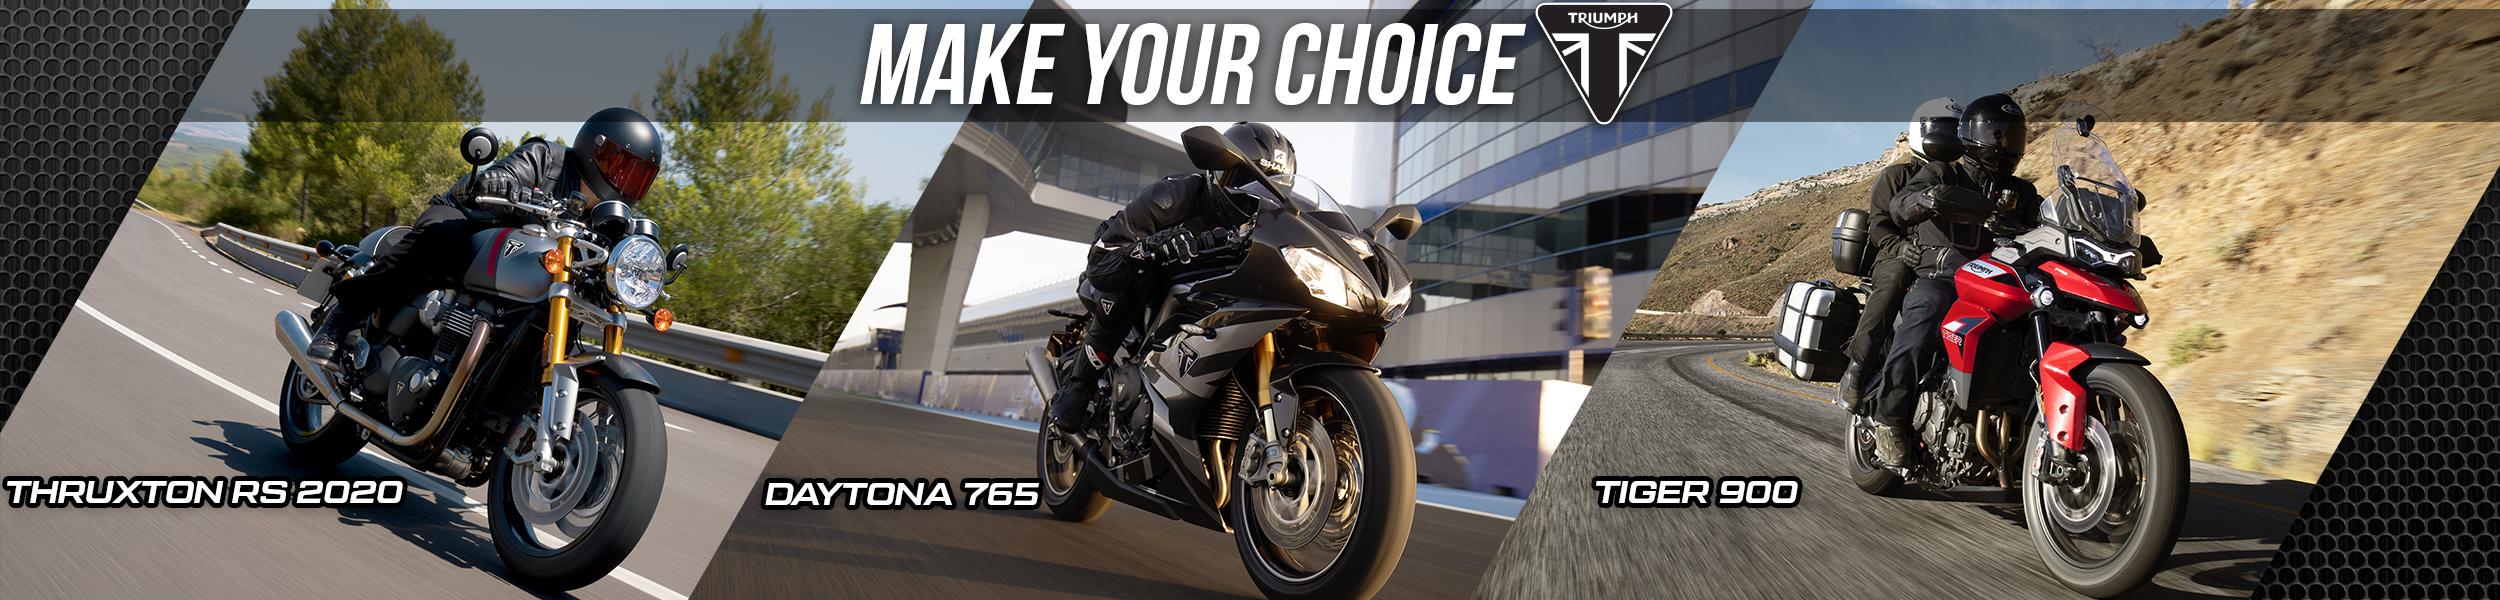 make your choice – triumph